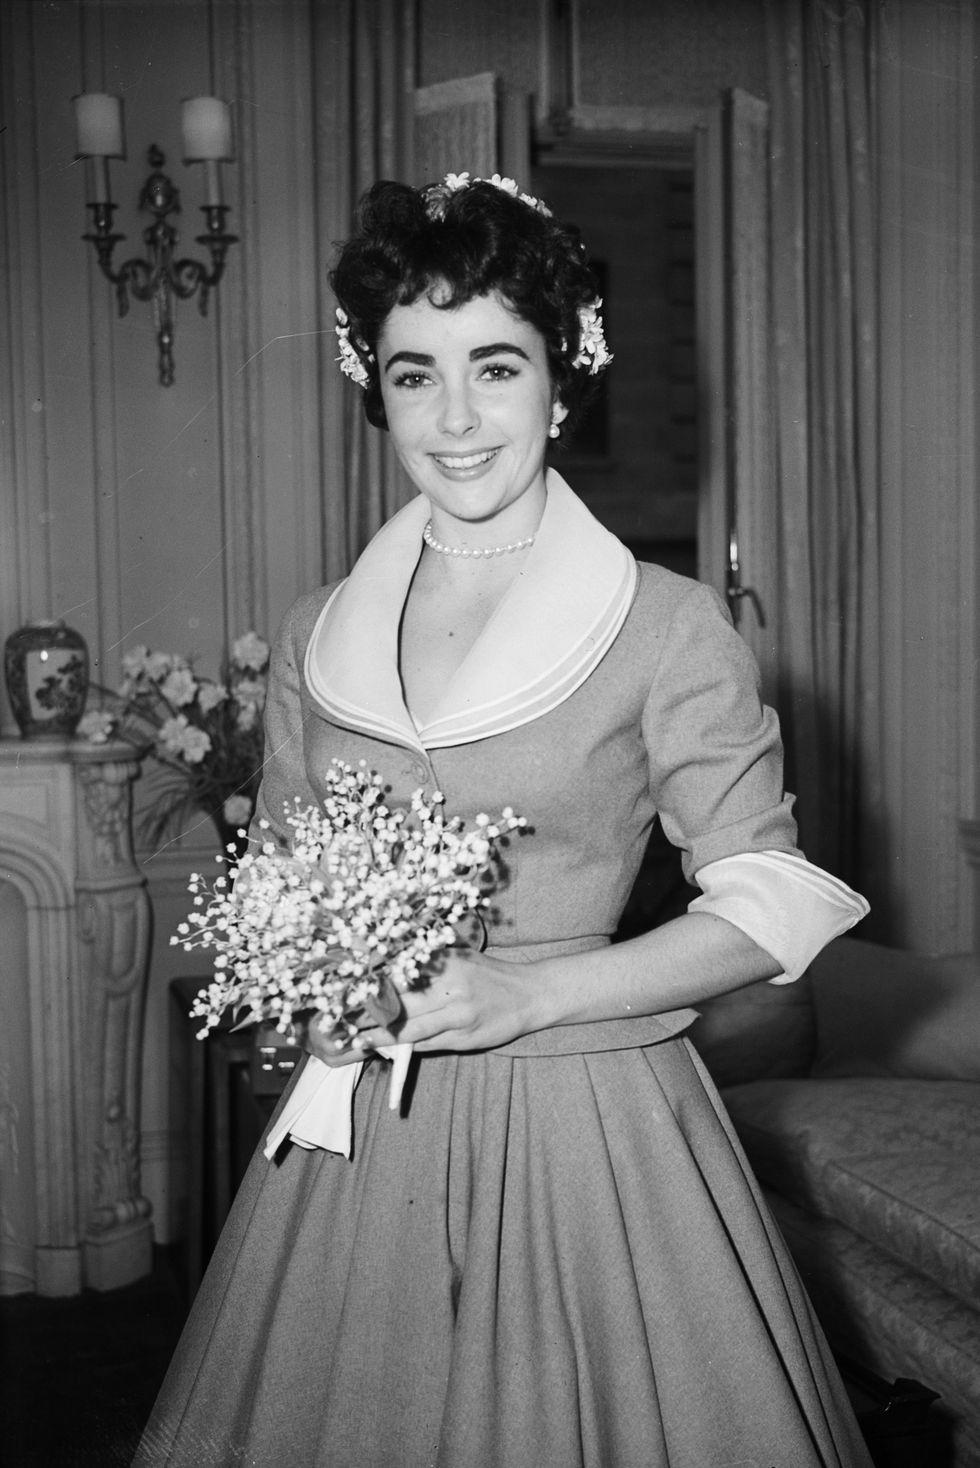 Elizabeth Taylor's 1952 wedding dress